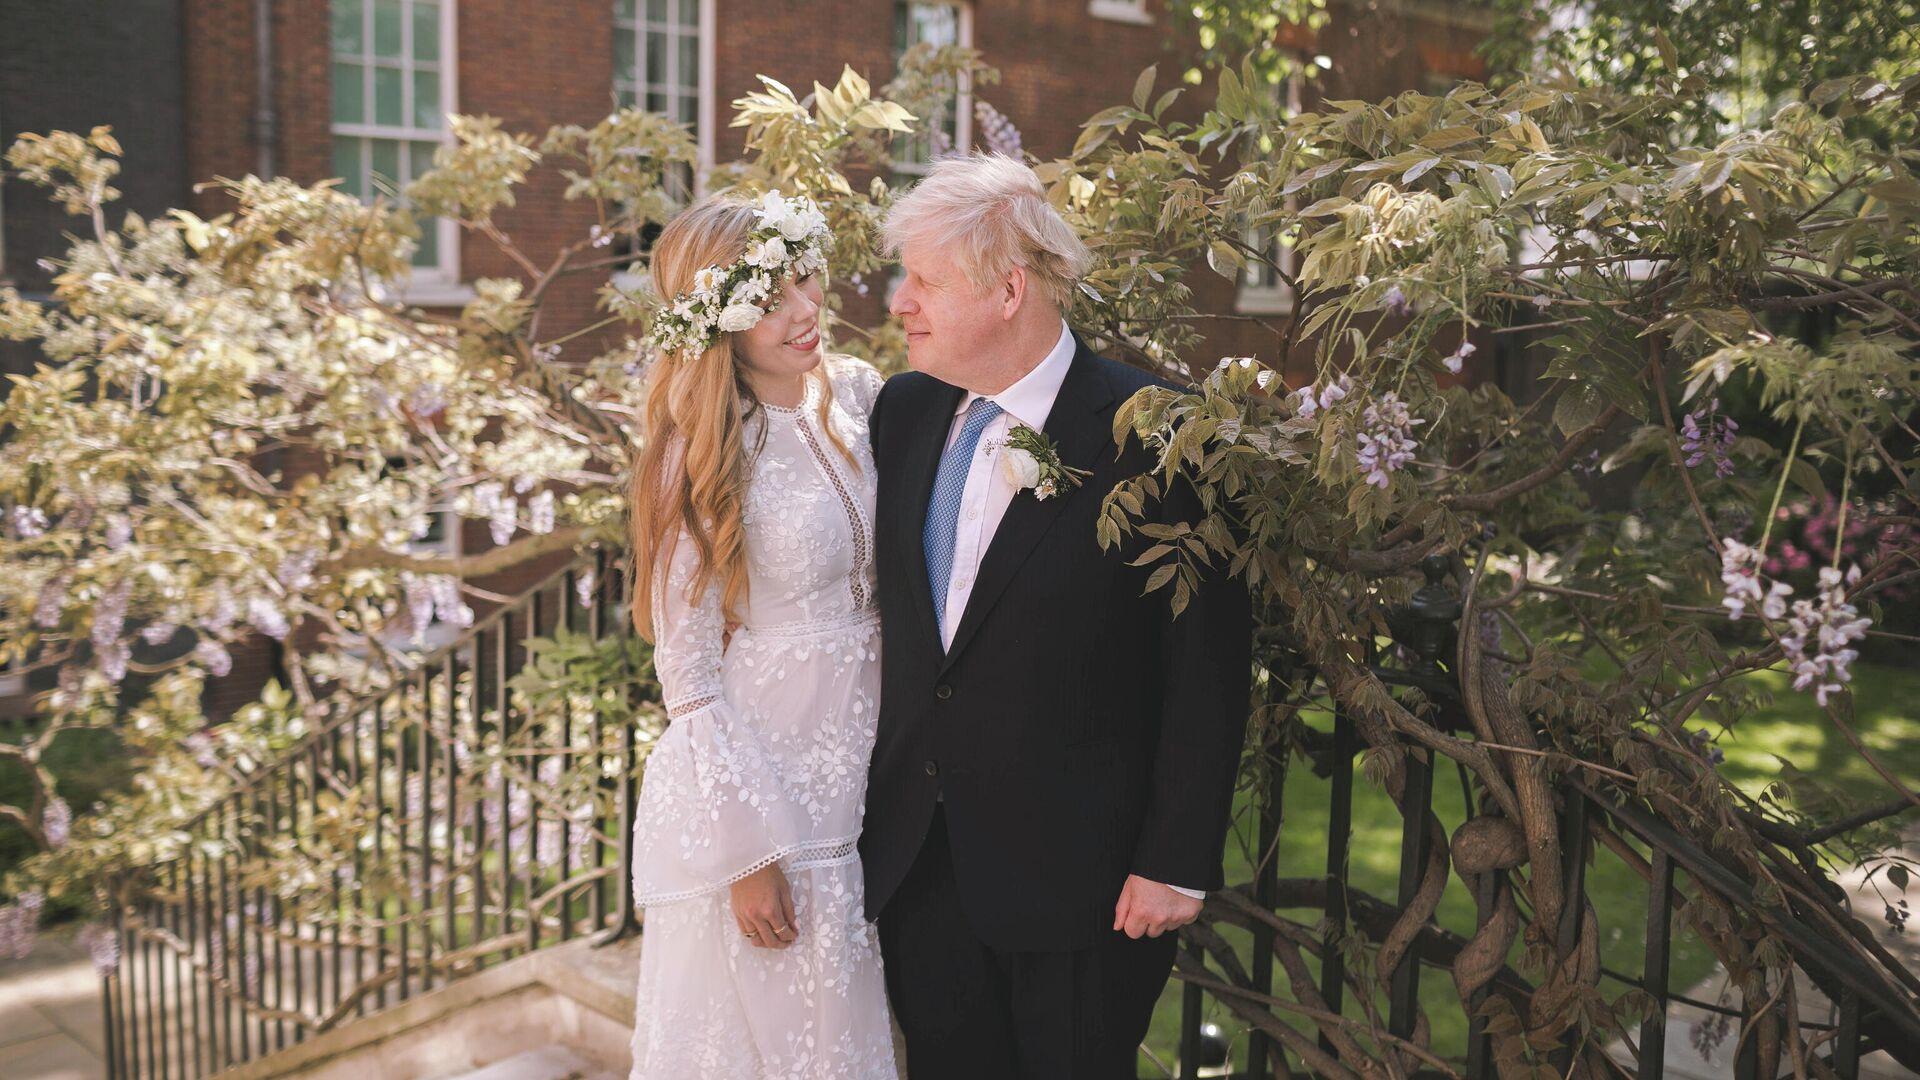 Борис Джонсон и Кэрри Саймондс во время свадьбы - РИА Новости, 1920, 30.05.2021